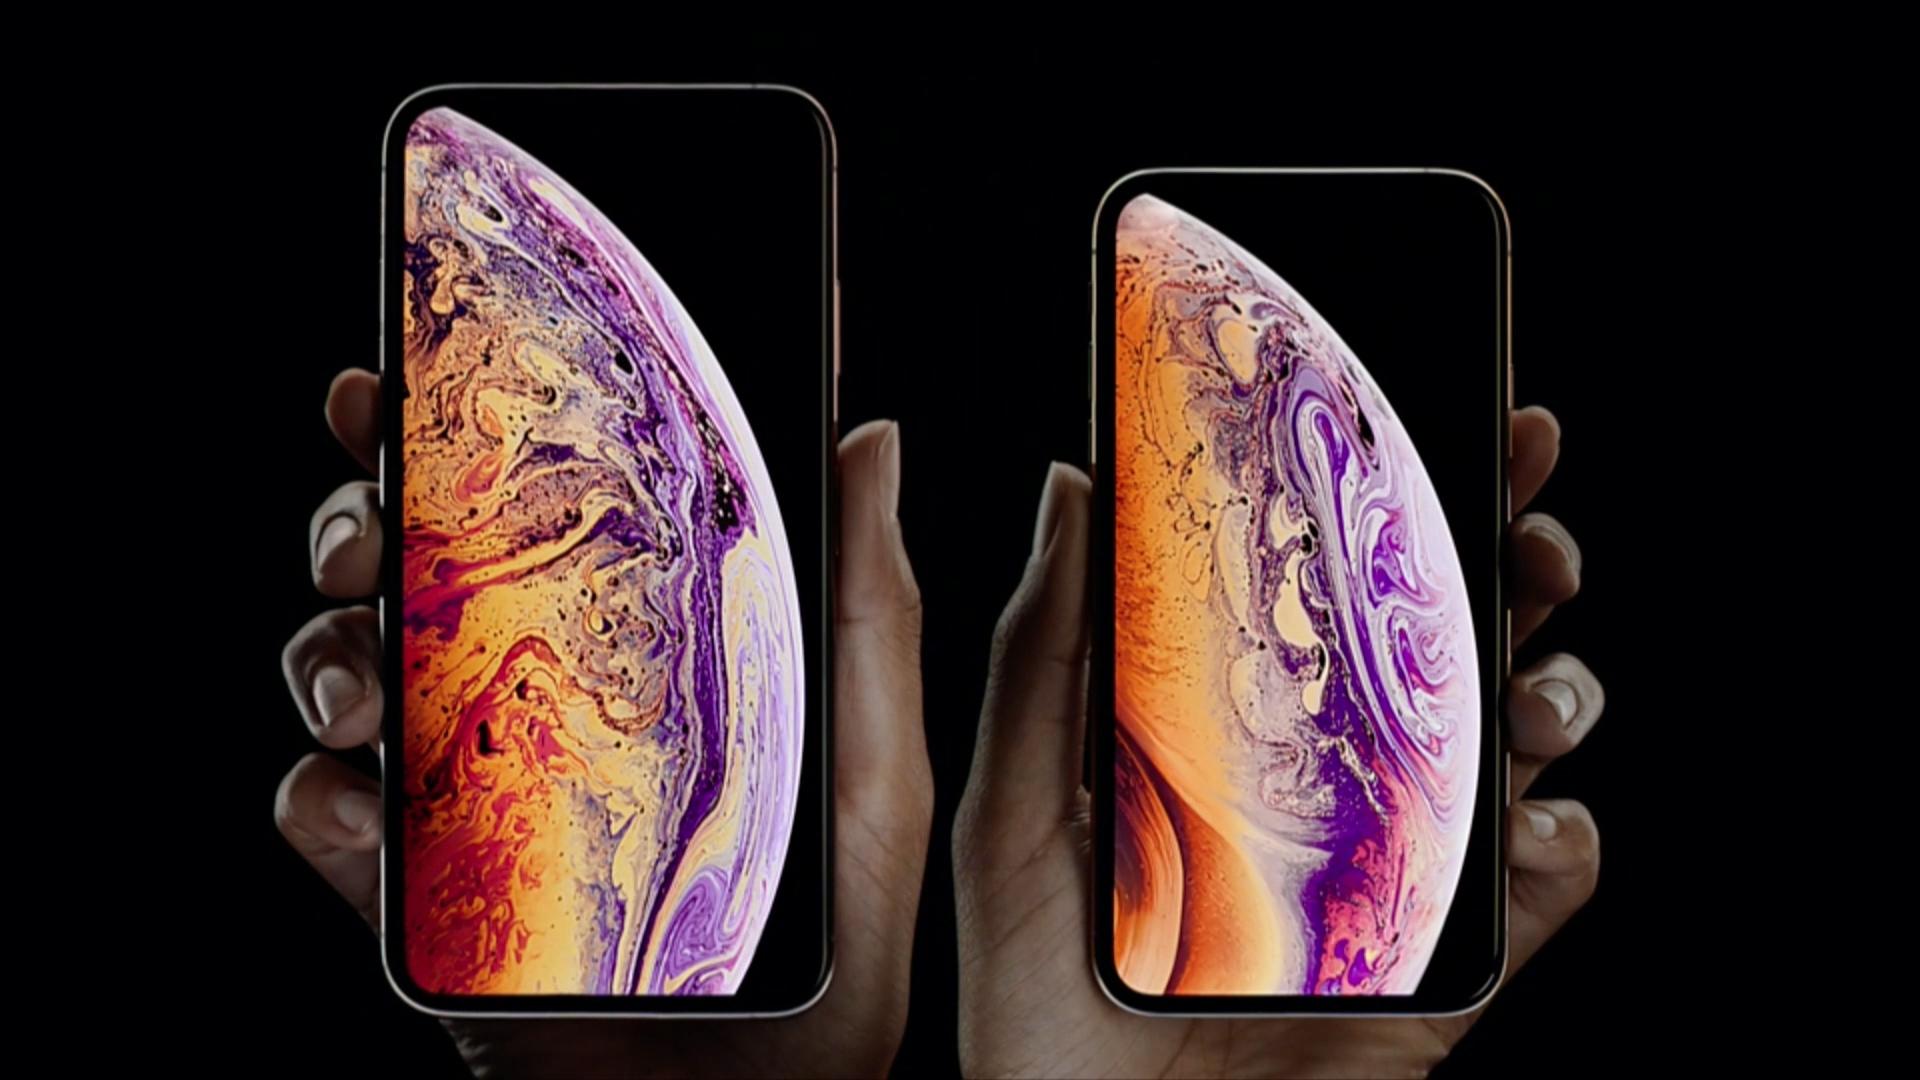 El iPhone XS tiene una pantalla cubierta por un nuevo tipo de cristal, protección especial ante líquidos, y disponible en dorado, plateado y gris